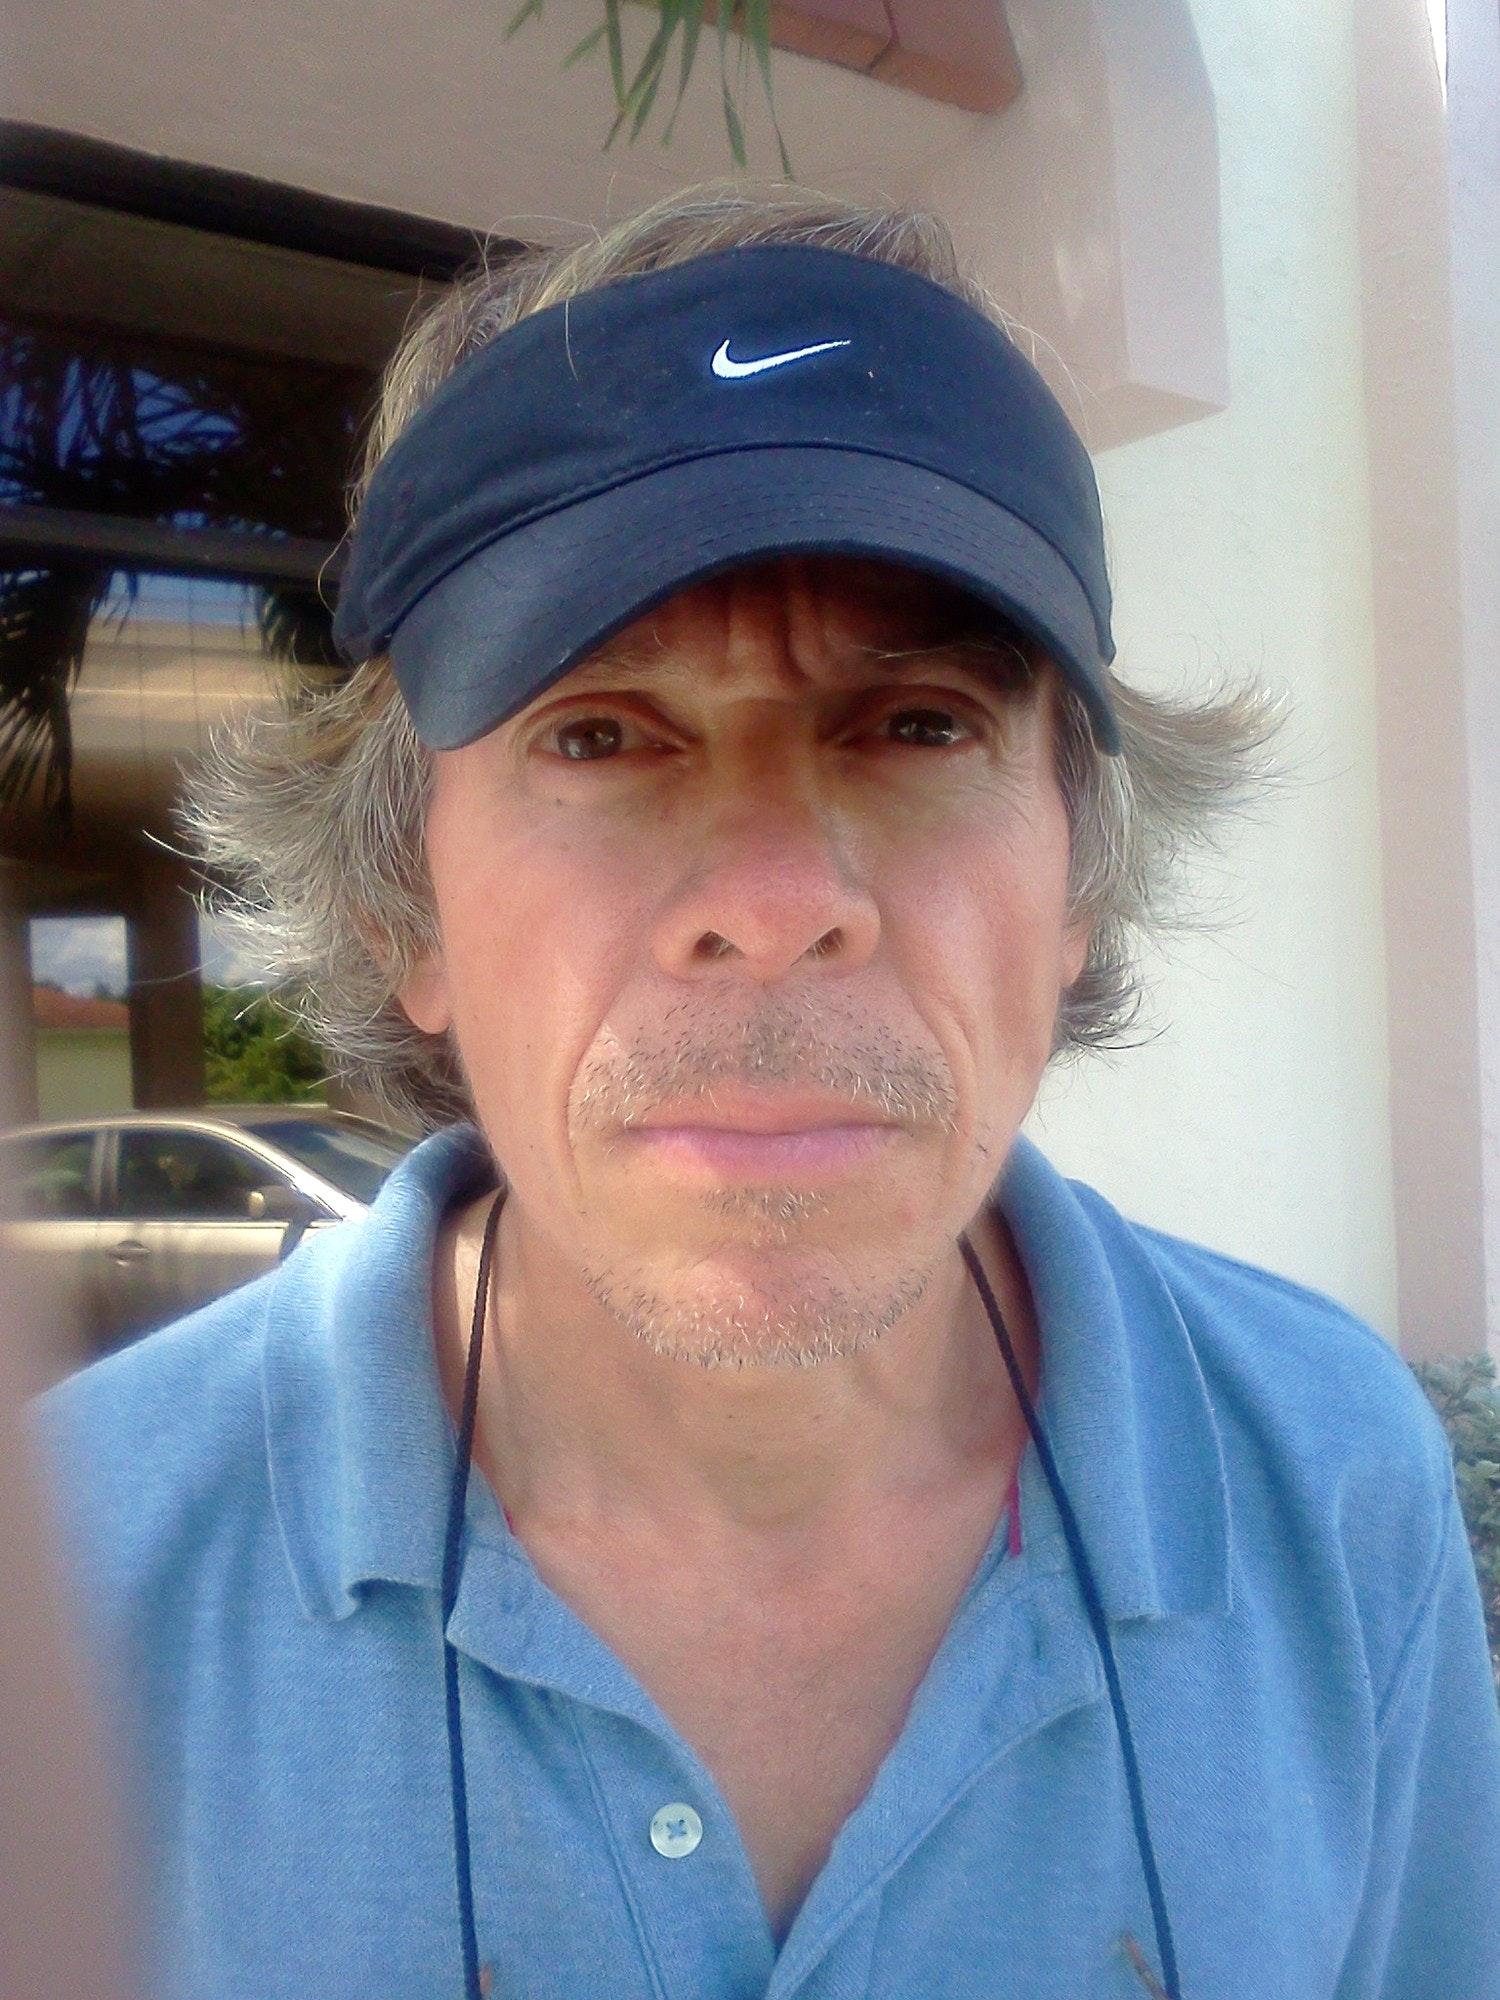 Edgar G. teaches tennis lessons in Venice, FL